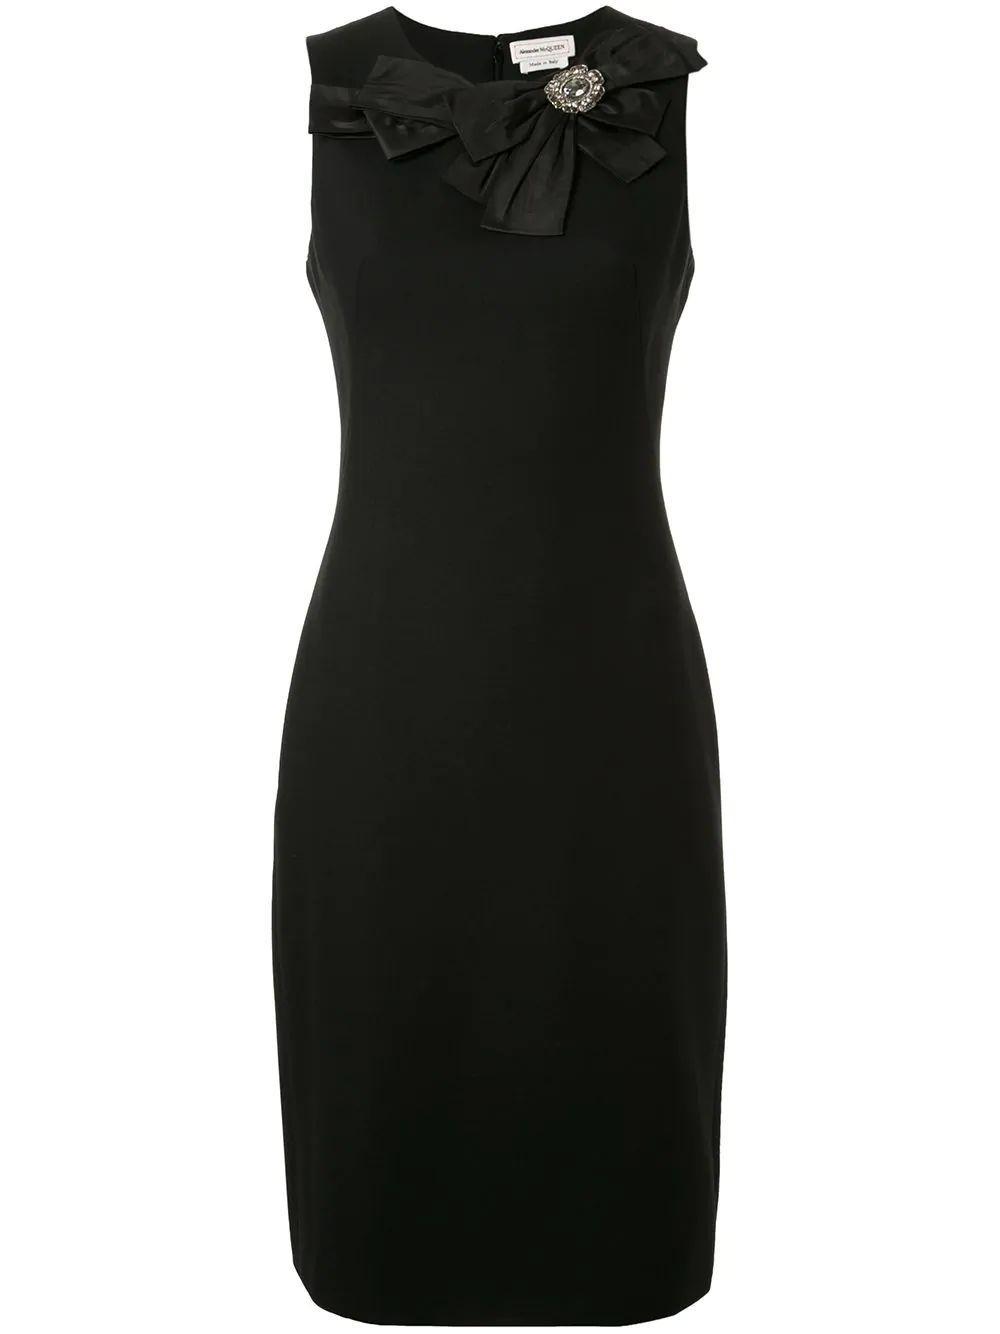 Sleeveless Light Wool Bow Pencil Dress W Item # 610374QJAAA